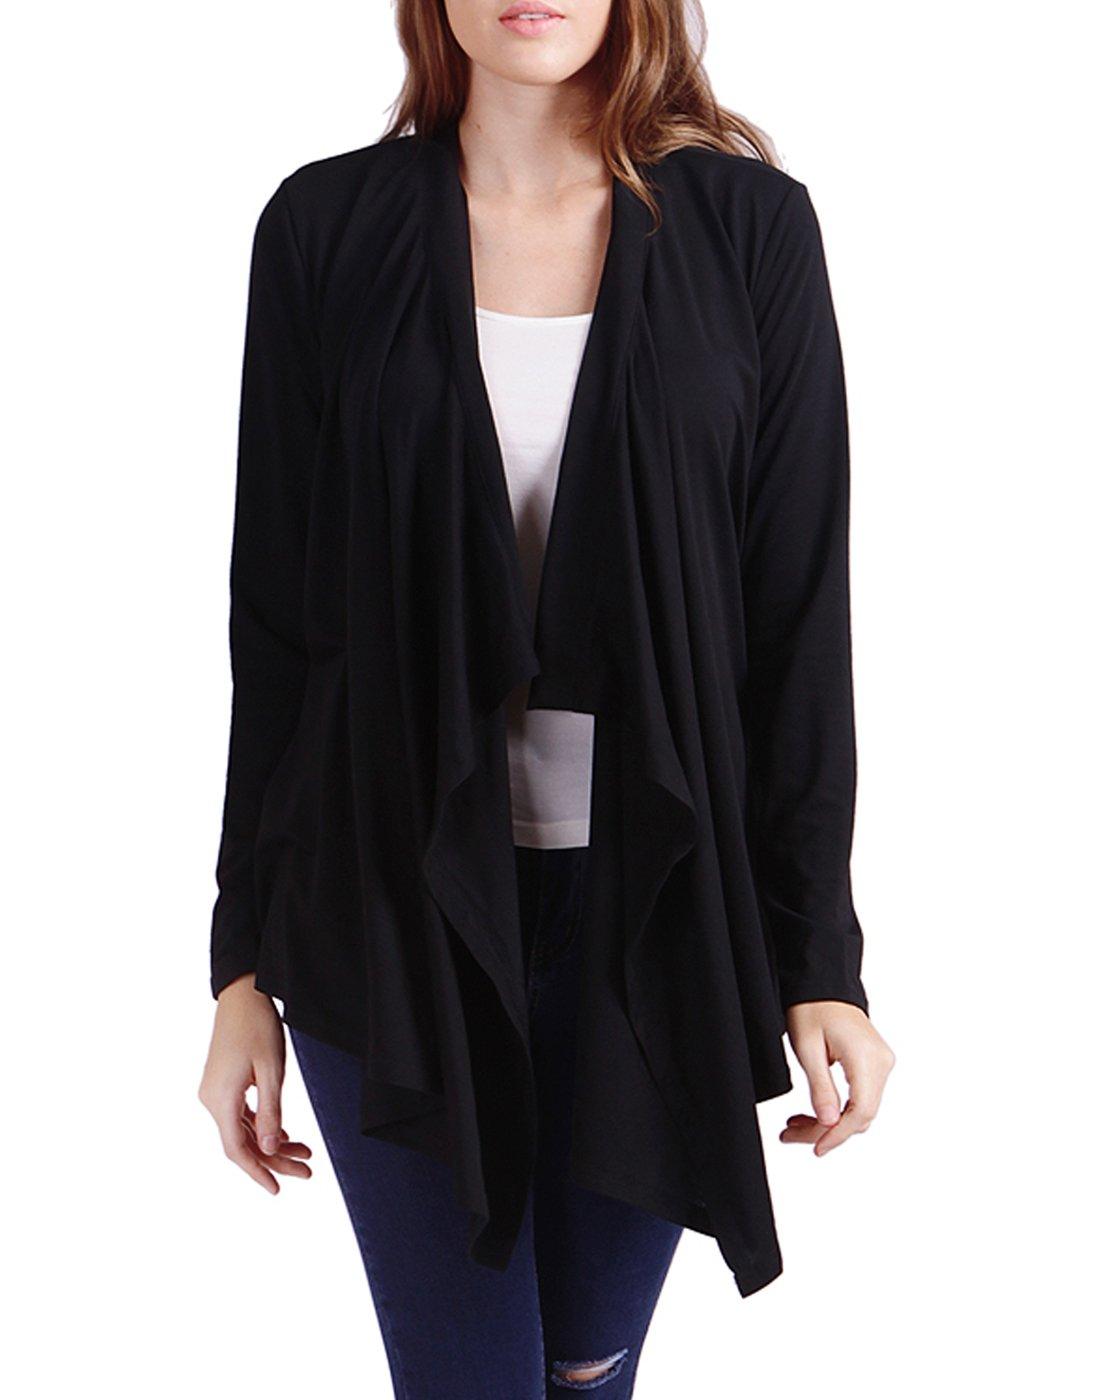 HDE Women's Open Front Cardigan Sweater Long Sleeve Waterfall Drape Knit Wrap (Black),Large